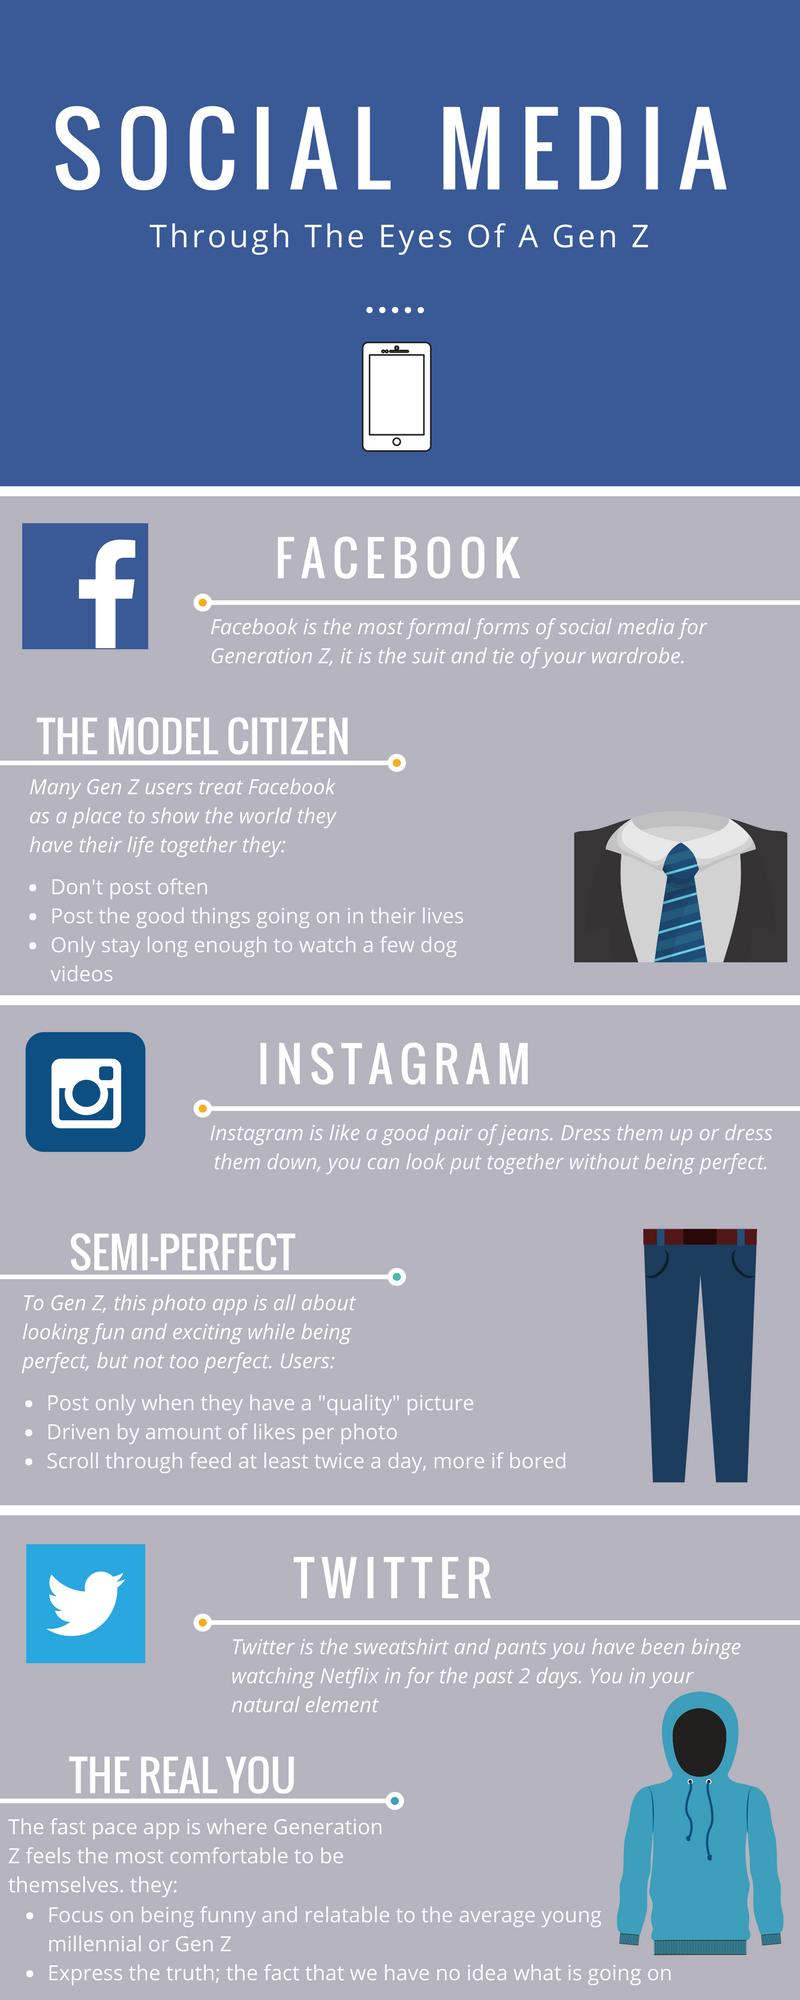 Social media through the eyes of a gen z